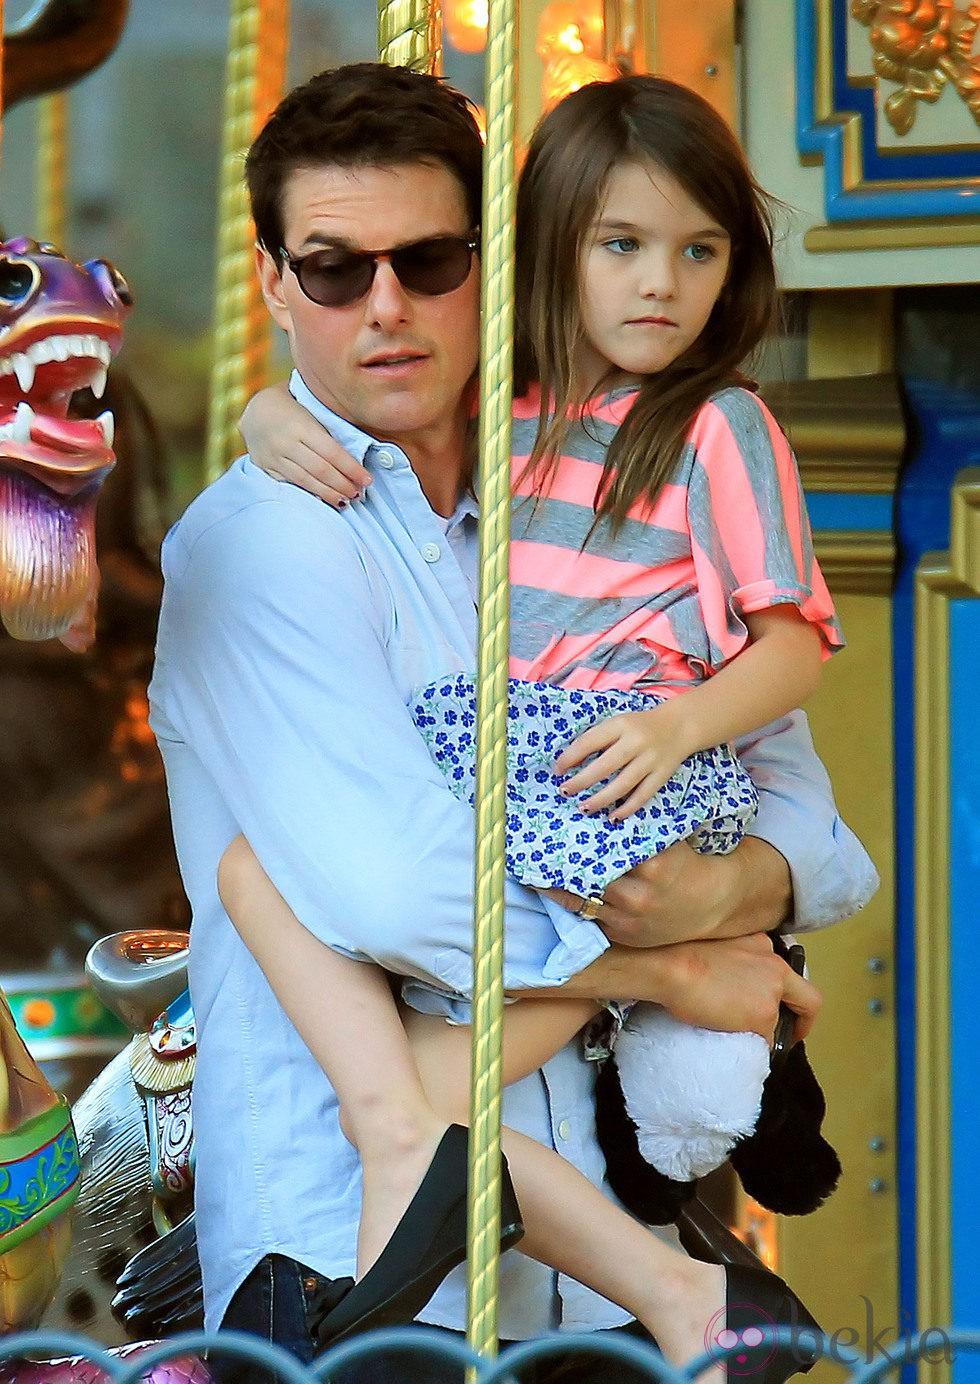 Tom Cruise con Suri en brazos en un tiovivo